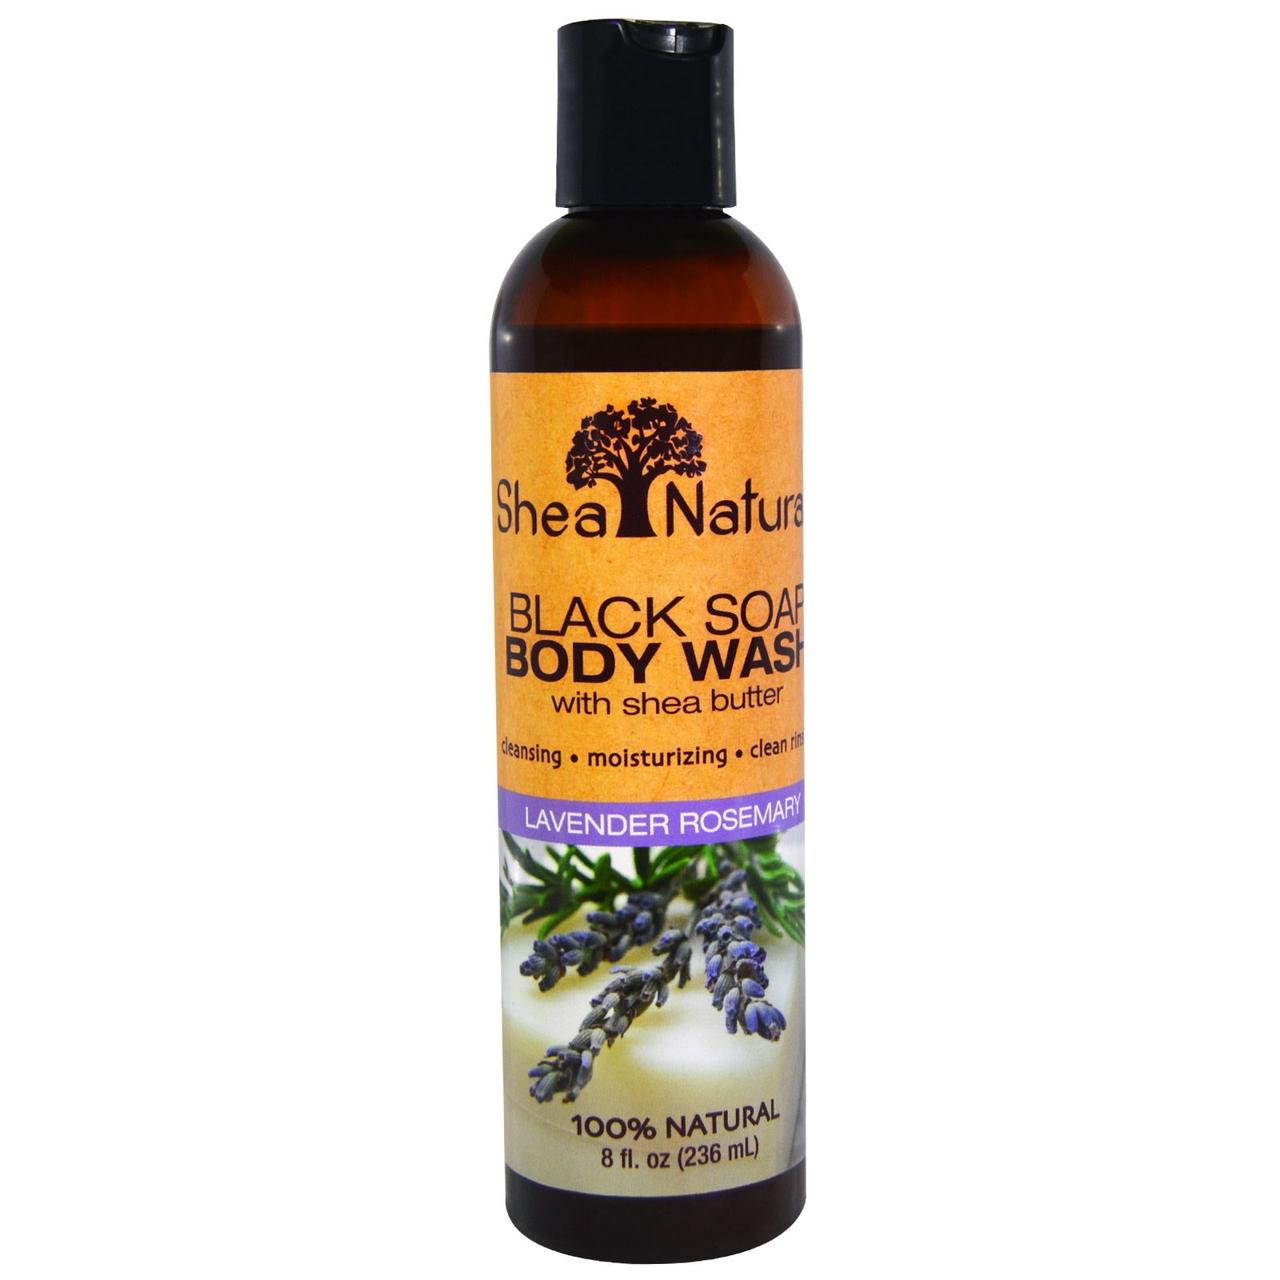 Shea Natural, Черное мыло для тела, с экстрактом масла ши, лаванда-розмарин, 8 жидких унций (236 мл)